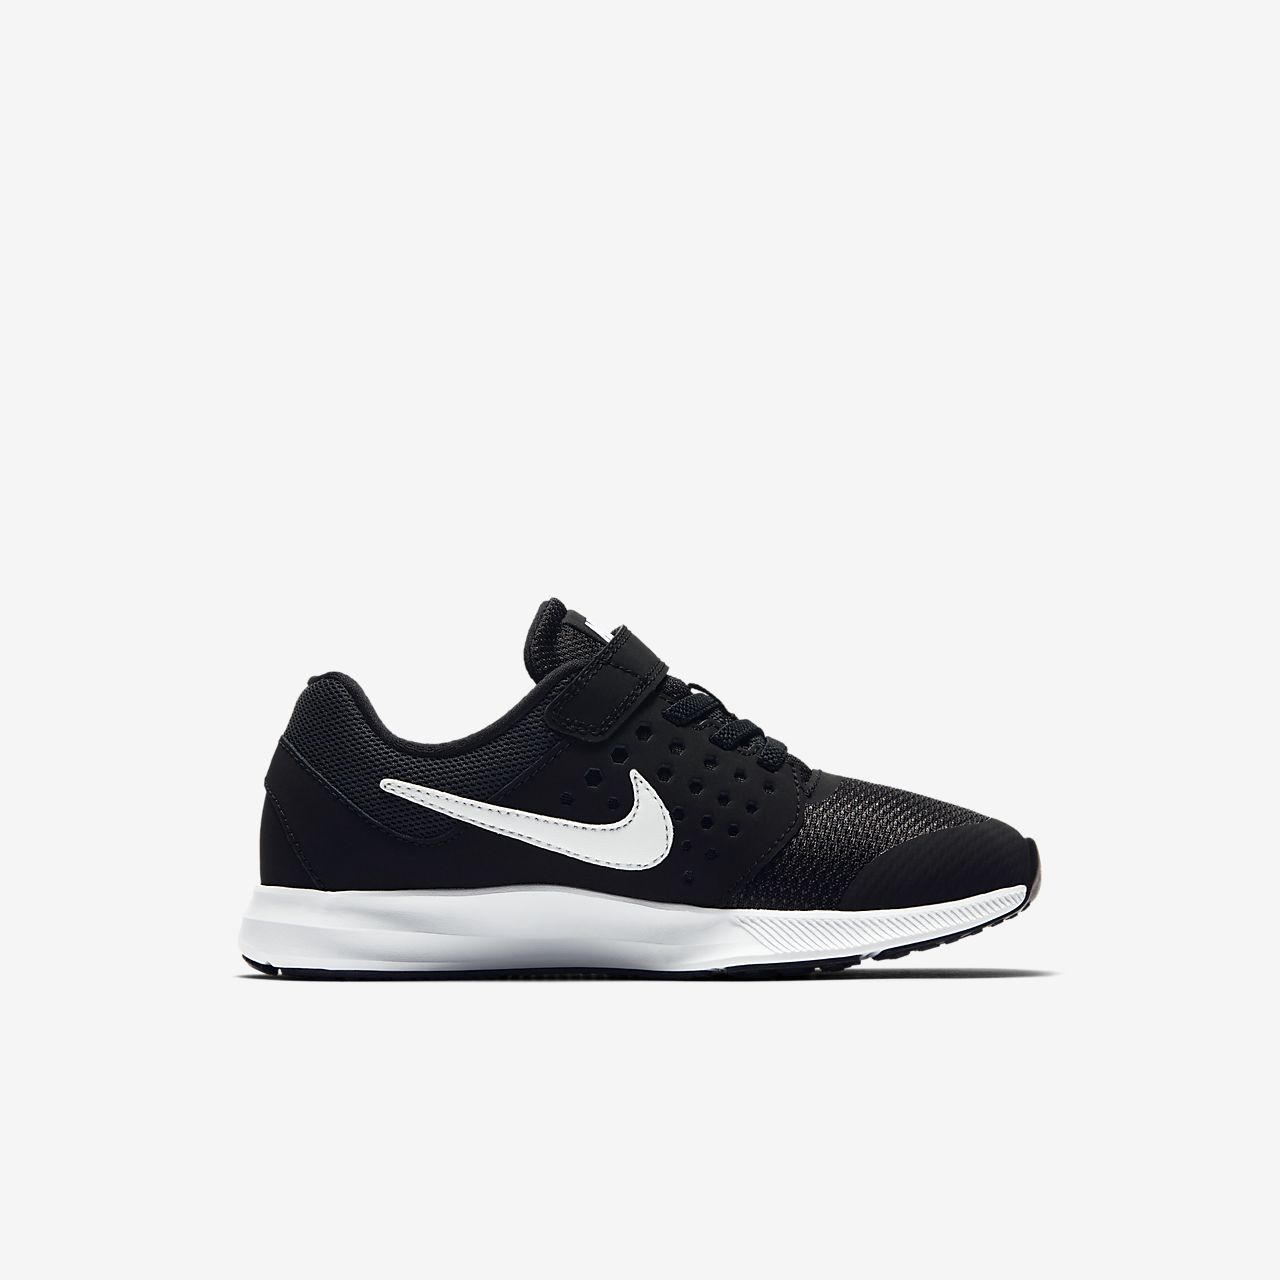 e44d6466f9 Nike Downshifter 7 Younger Kids' Running Shoe. Nike.com AU